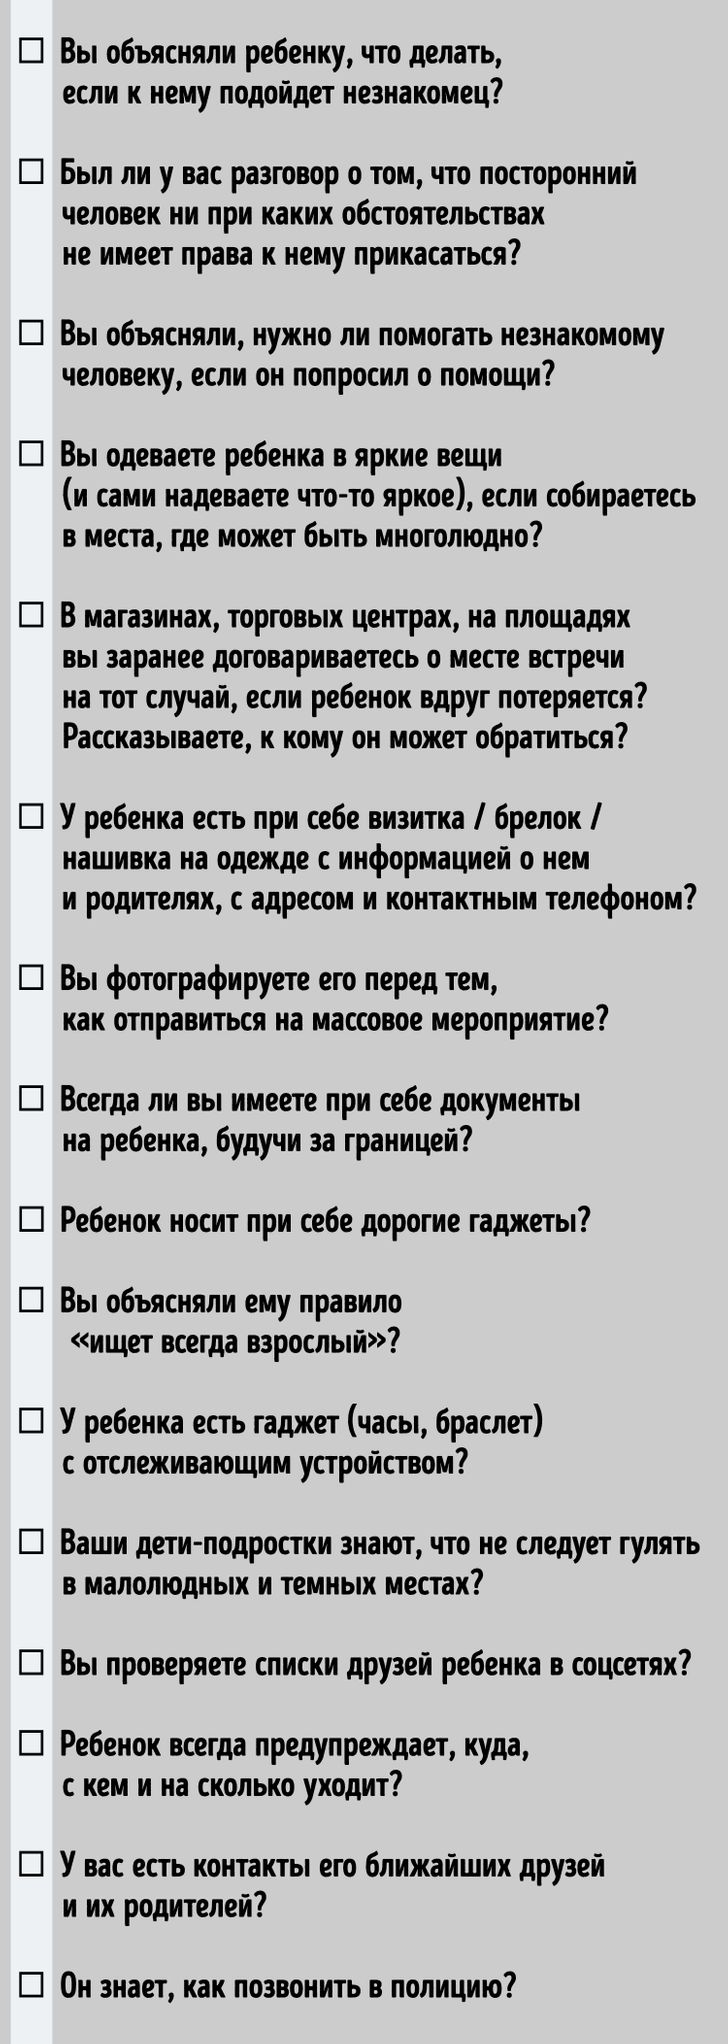 16 вопросов о собственной безопасности, которые следует задать каждому ребенку (Особенно перед школой)